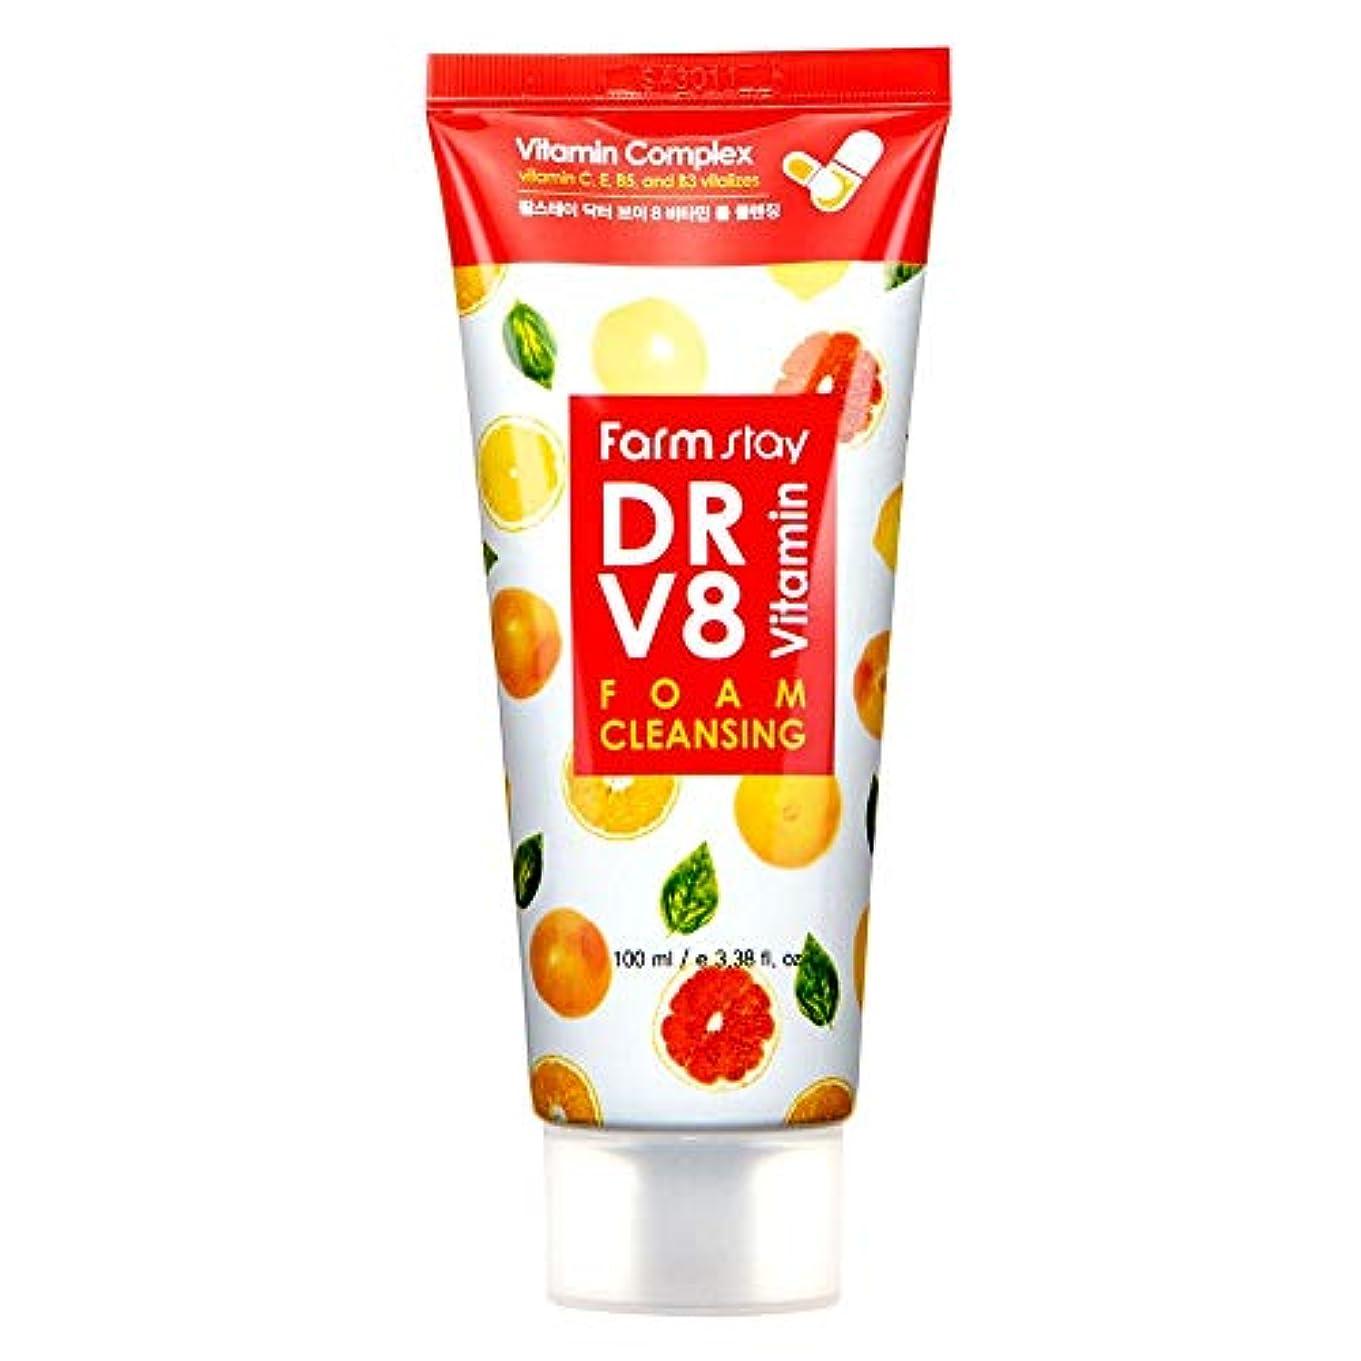 バレル誇大妄想著者ファームステイ[Farm Stay] Dr.V8 ビタミンフォームクレンジング 100ml / Vitamin Foam Cleansing